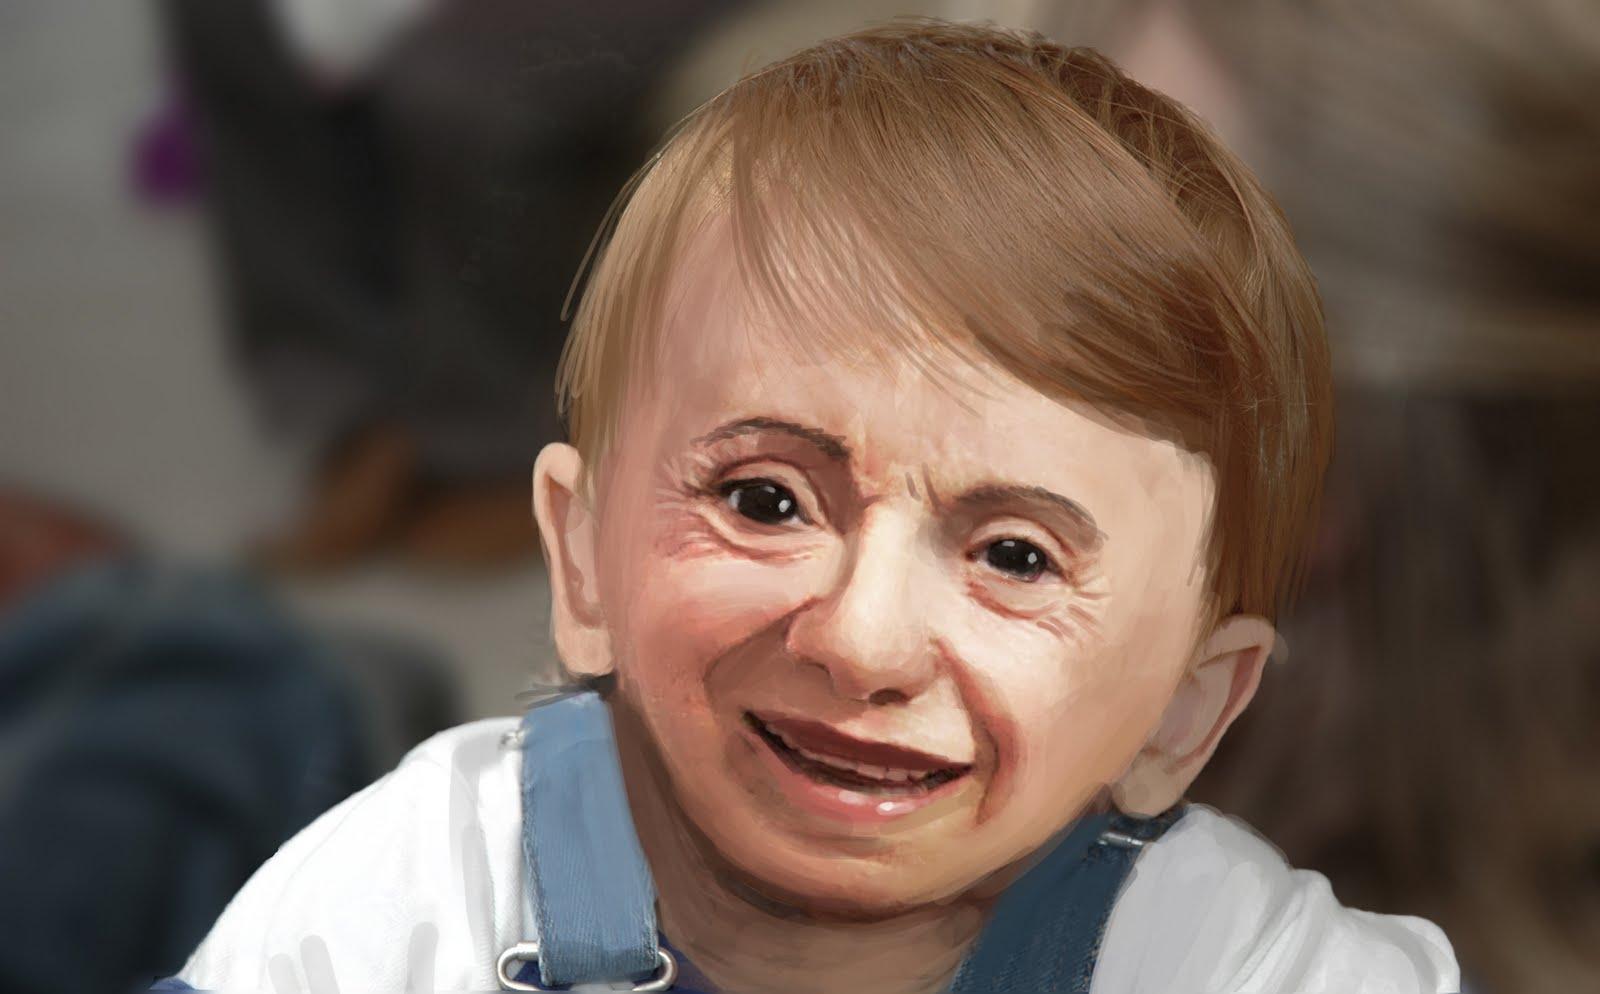 deformed people -#main